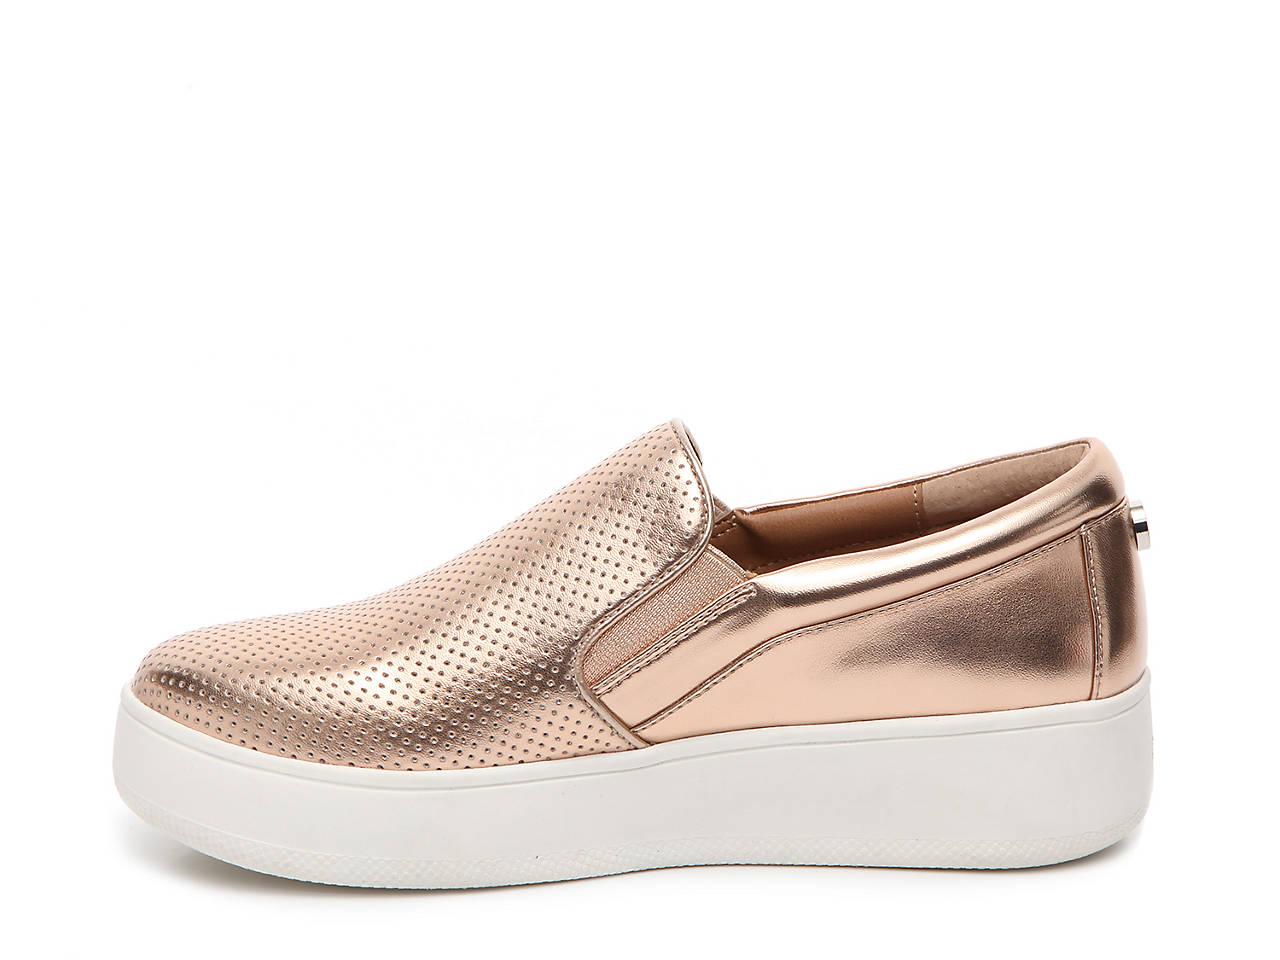 85b841fbcce Steve Madden Genette Platform Slip-On Sneaker Women s Shoes